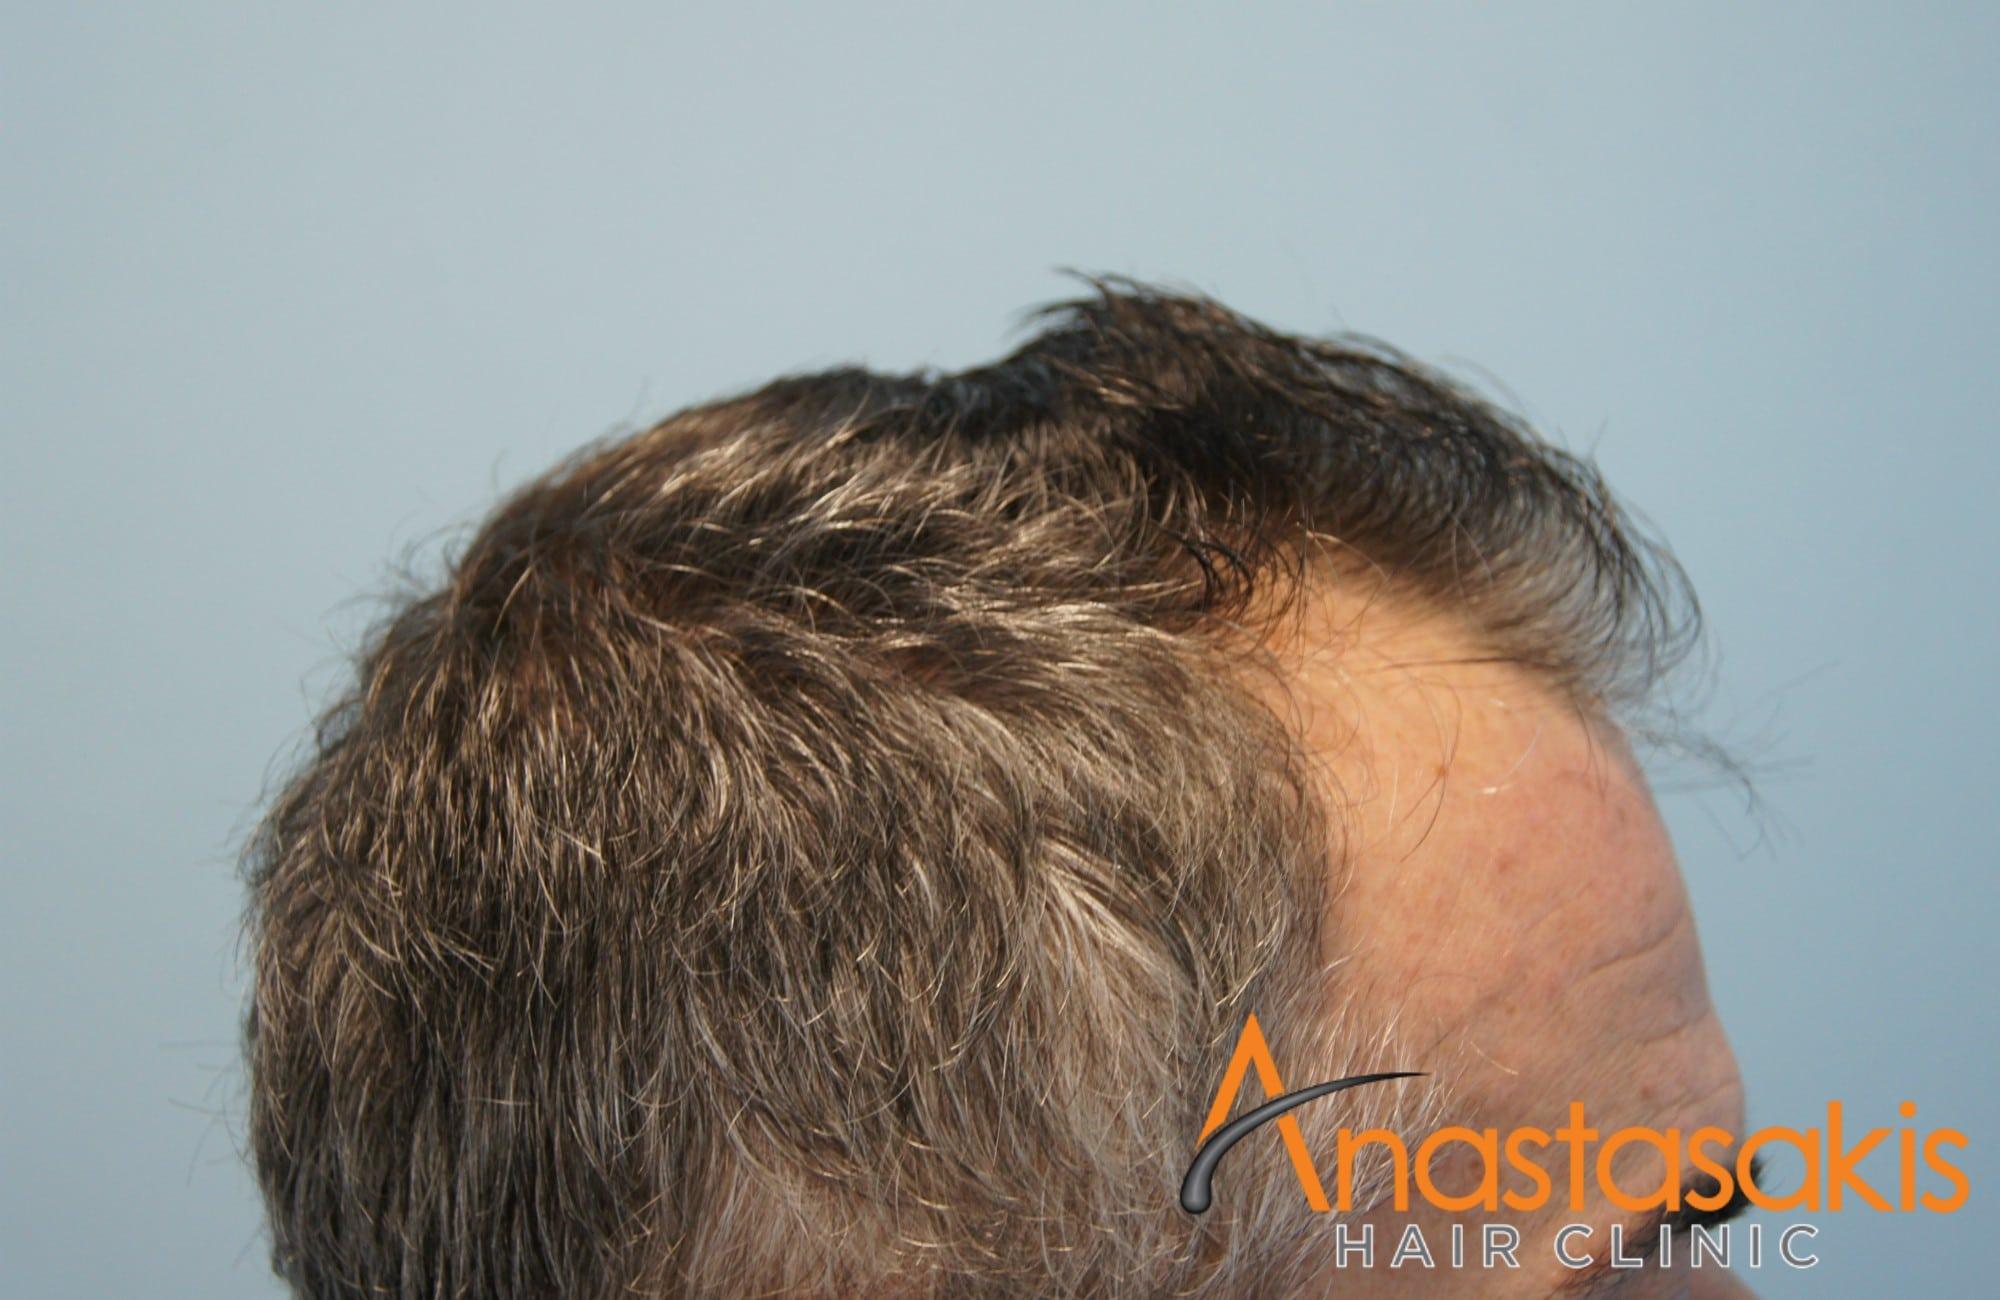 δεξί προφιλ ασθενούς πριν τη μεταμοσχευση μαλλιων με 2153 fus